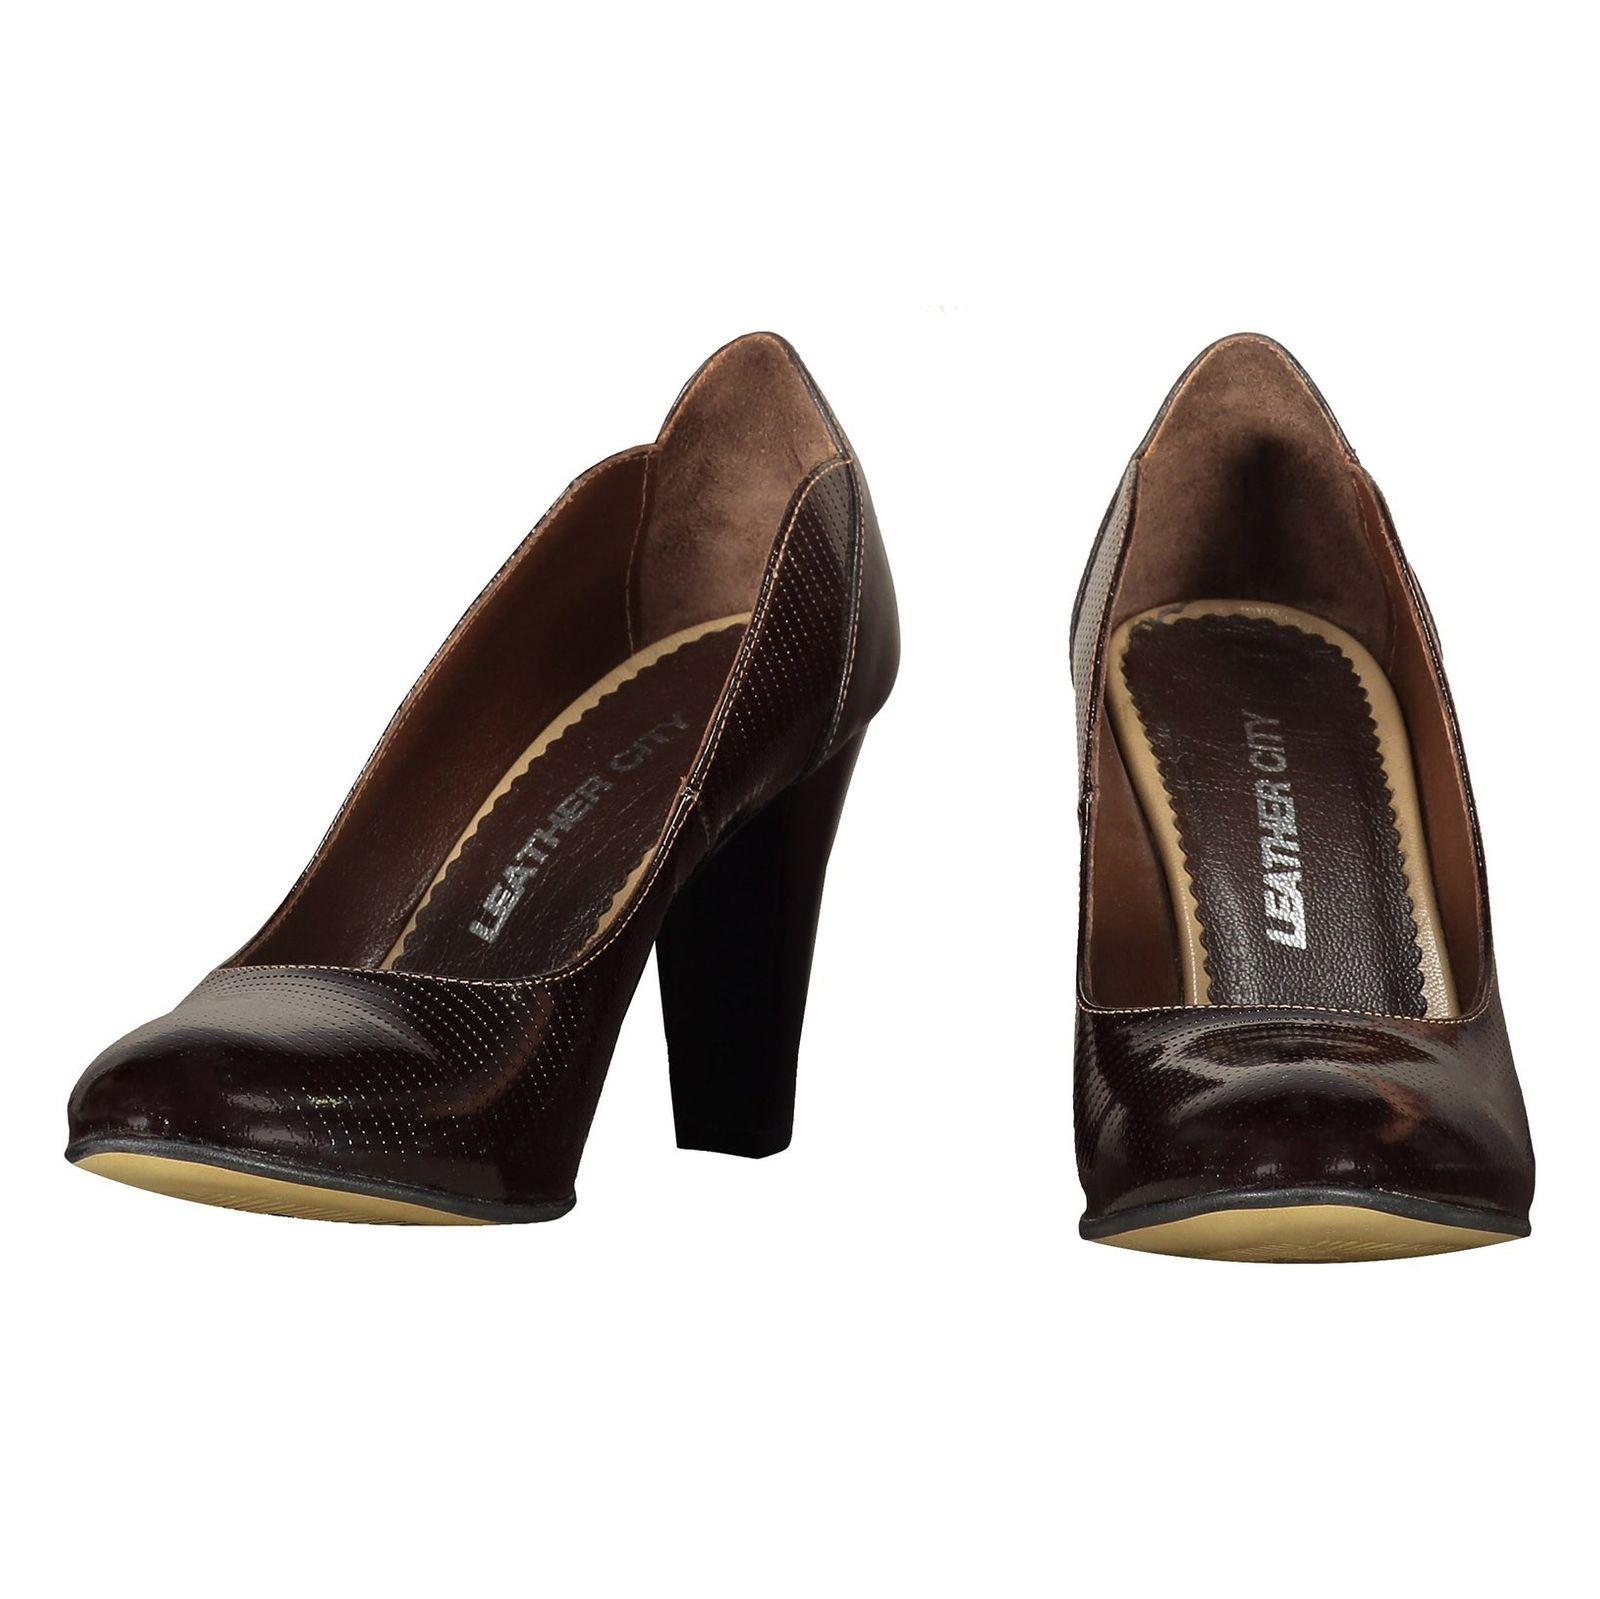 کفش پاشنه بلند چرم زنانه - شهر چرم - قهوه اي - 4